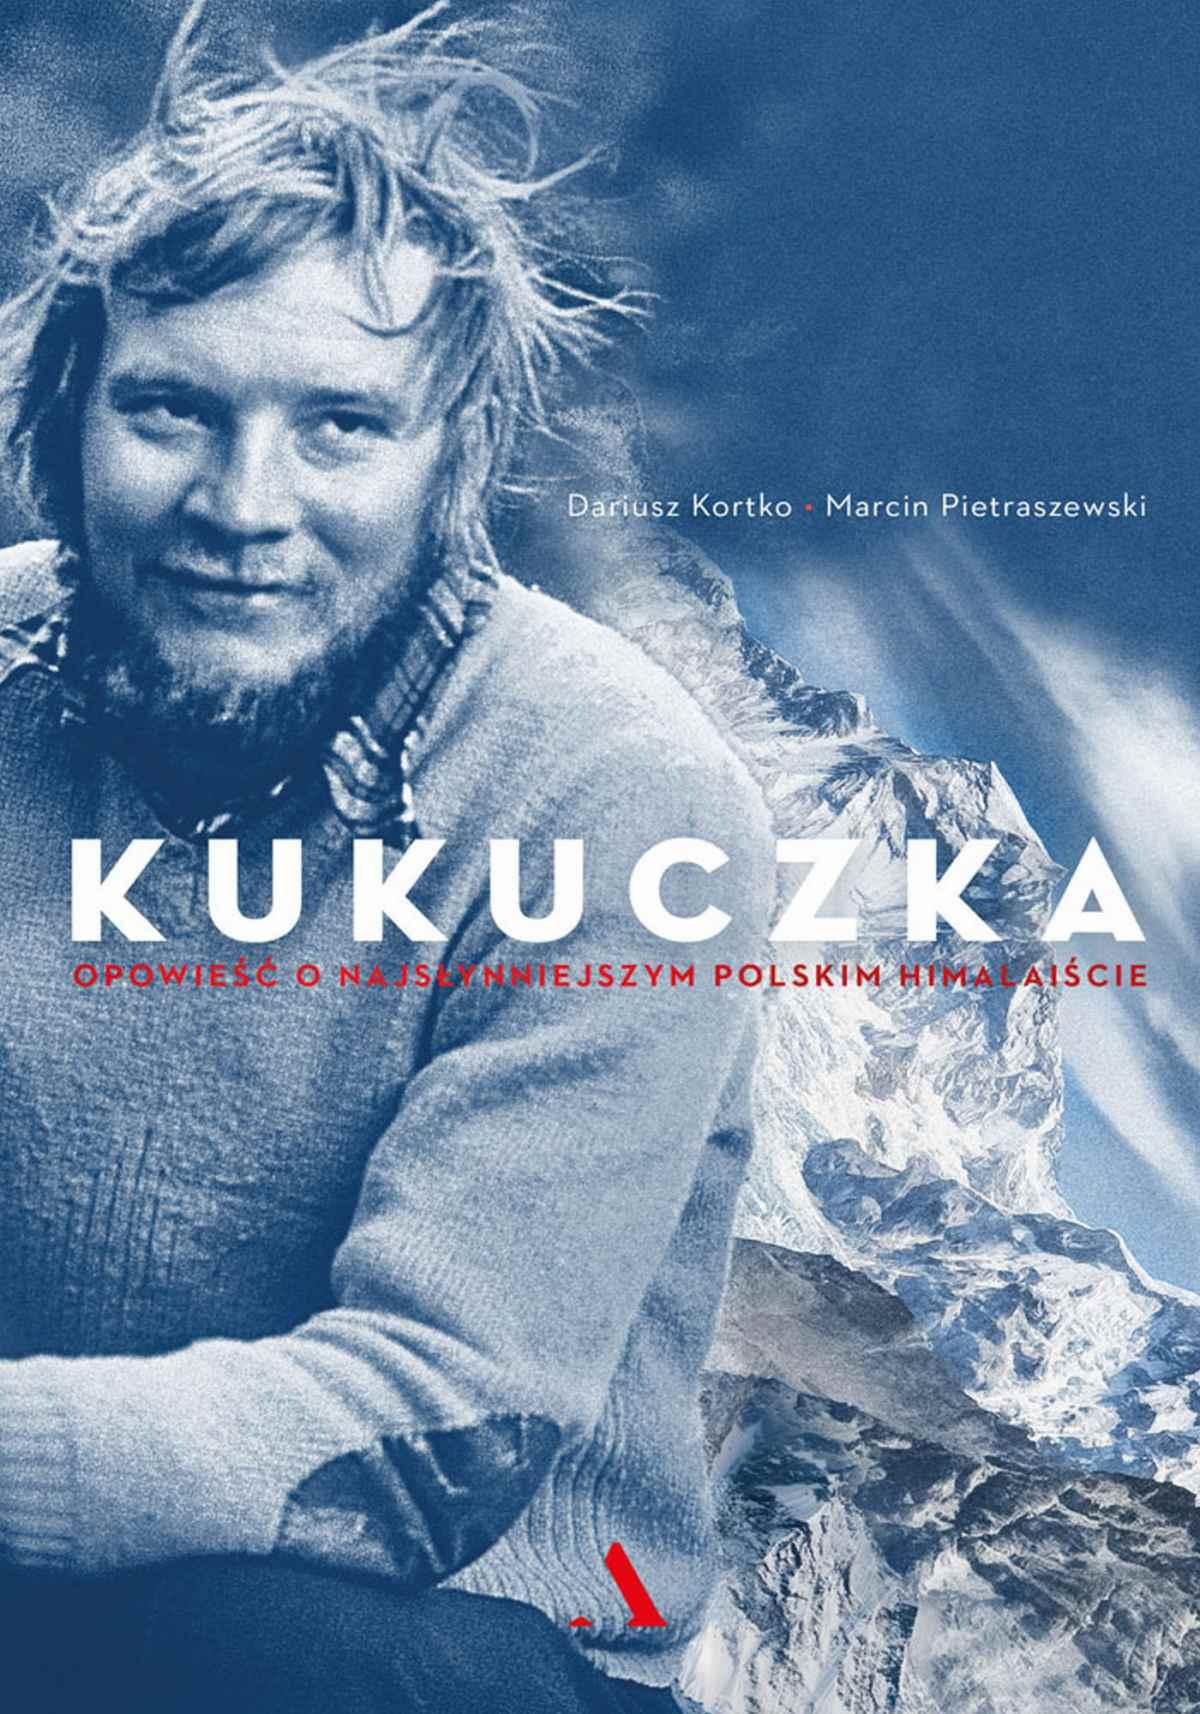 Kukuczka. Opowieść o najsłynniejszym polskim himalaiście - Ebook (Książka EPUB) do pobrania w formacie EPUB